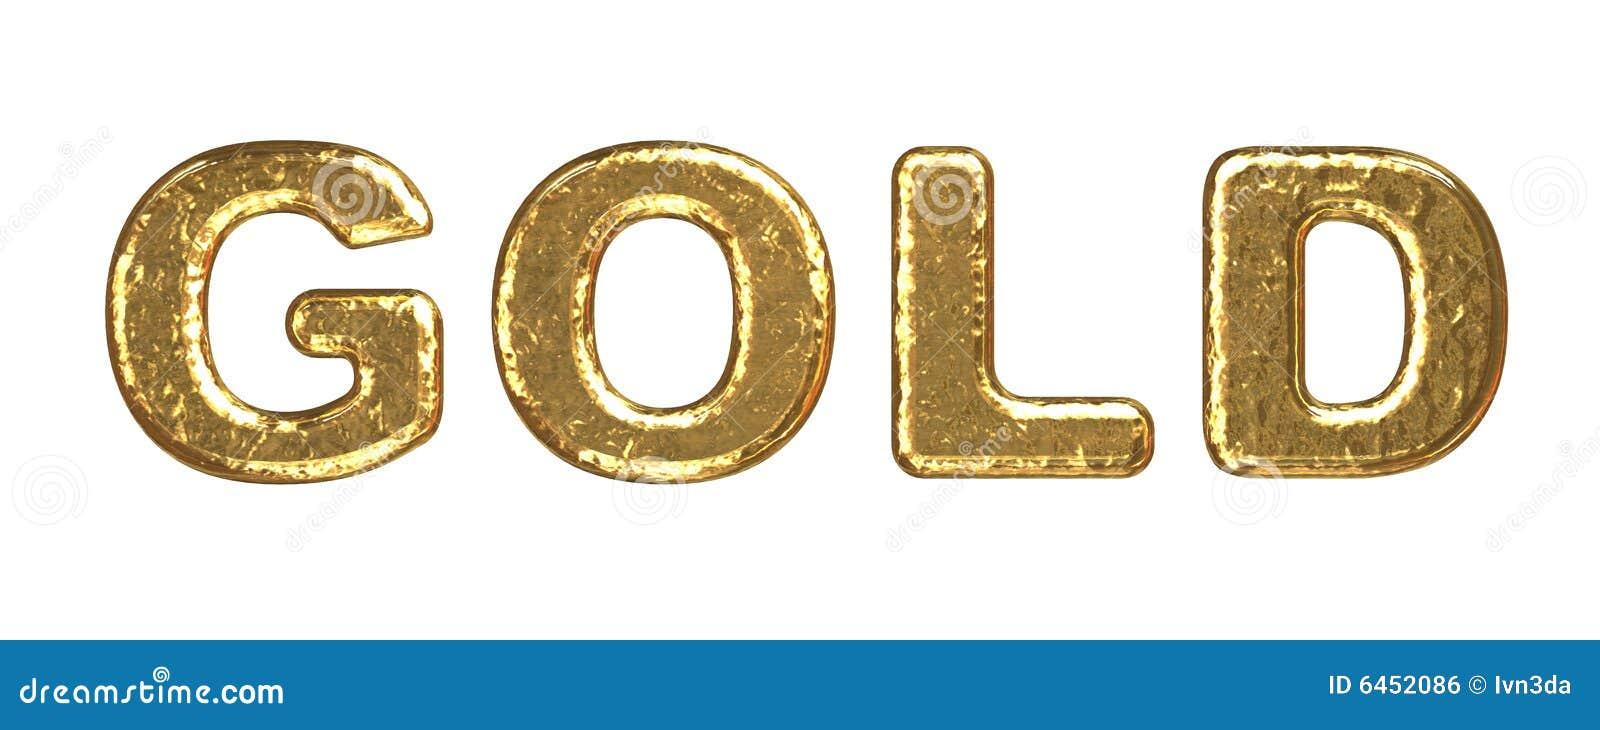 Złota wpisowa tekstury objętości